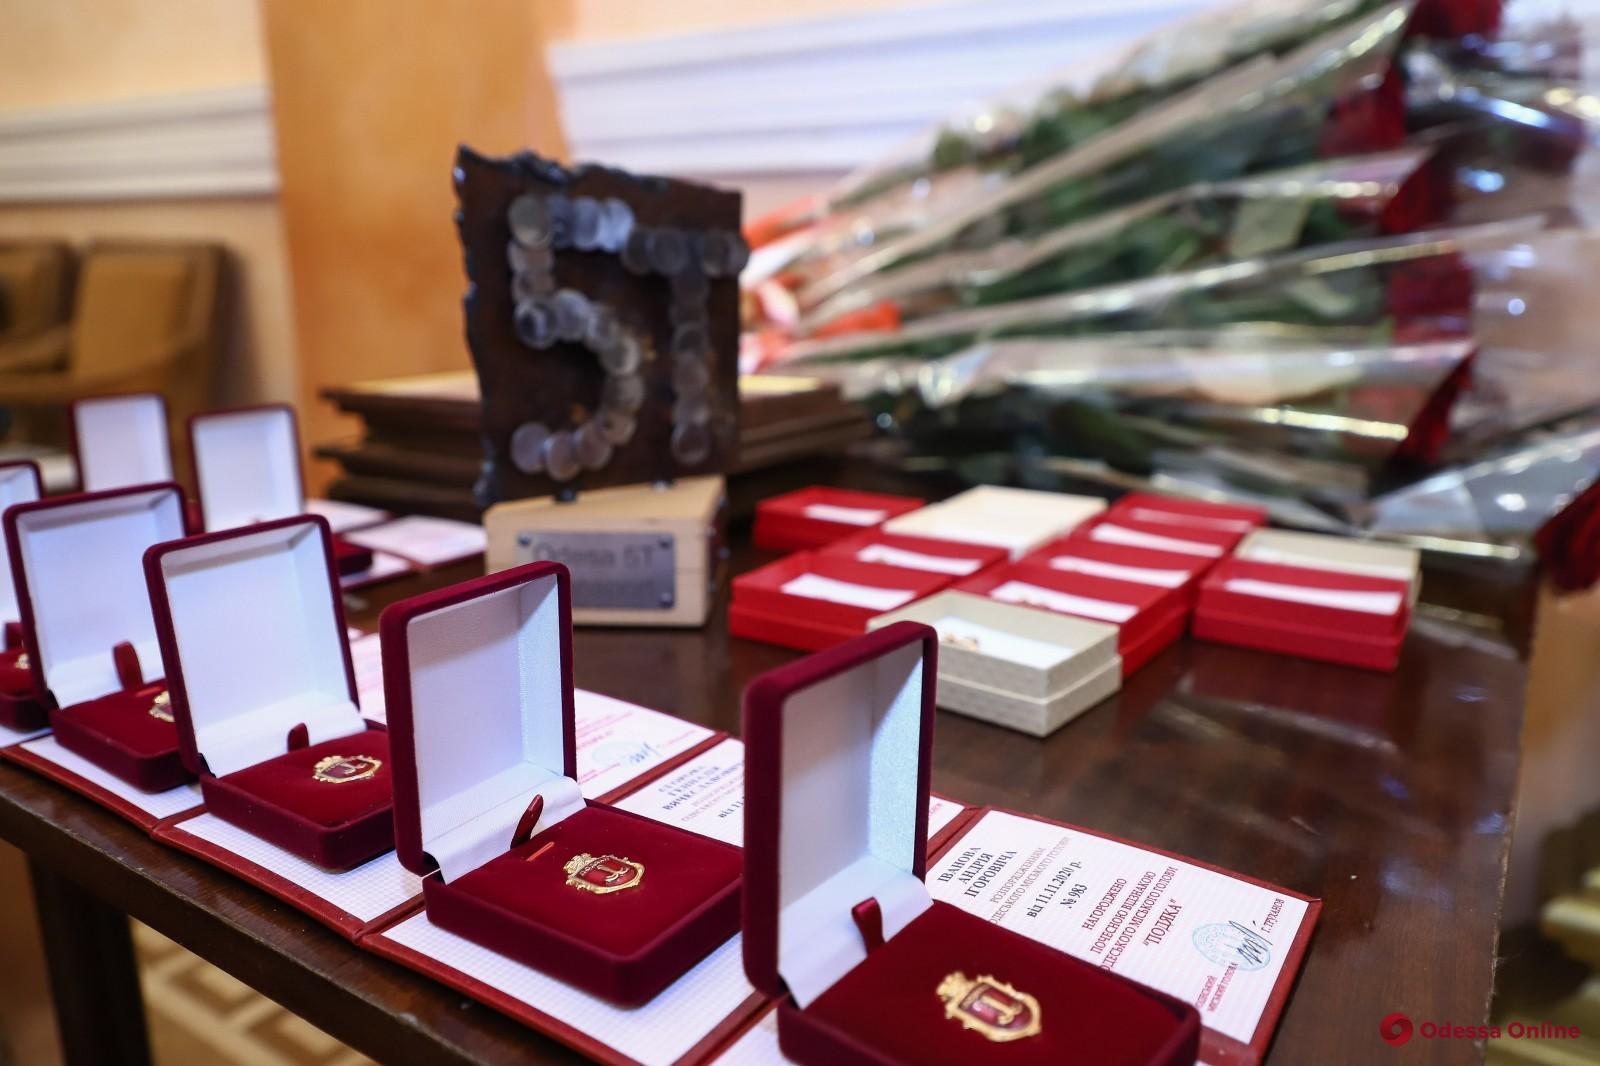 Мэр Одессы вручил награды участникам ликвидации последствий аварии танкера «Делфи»